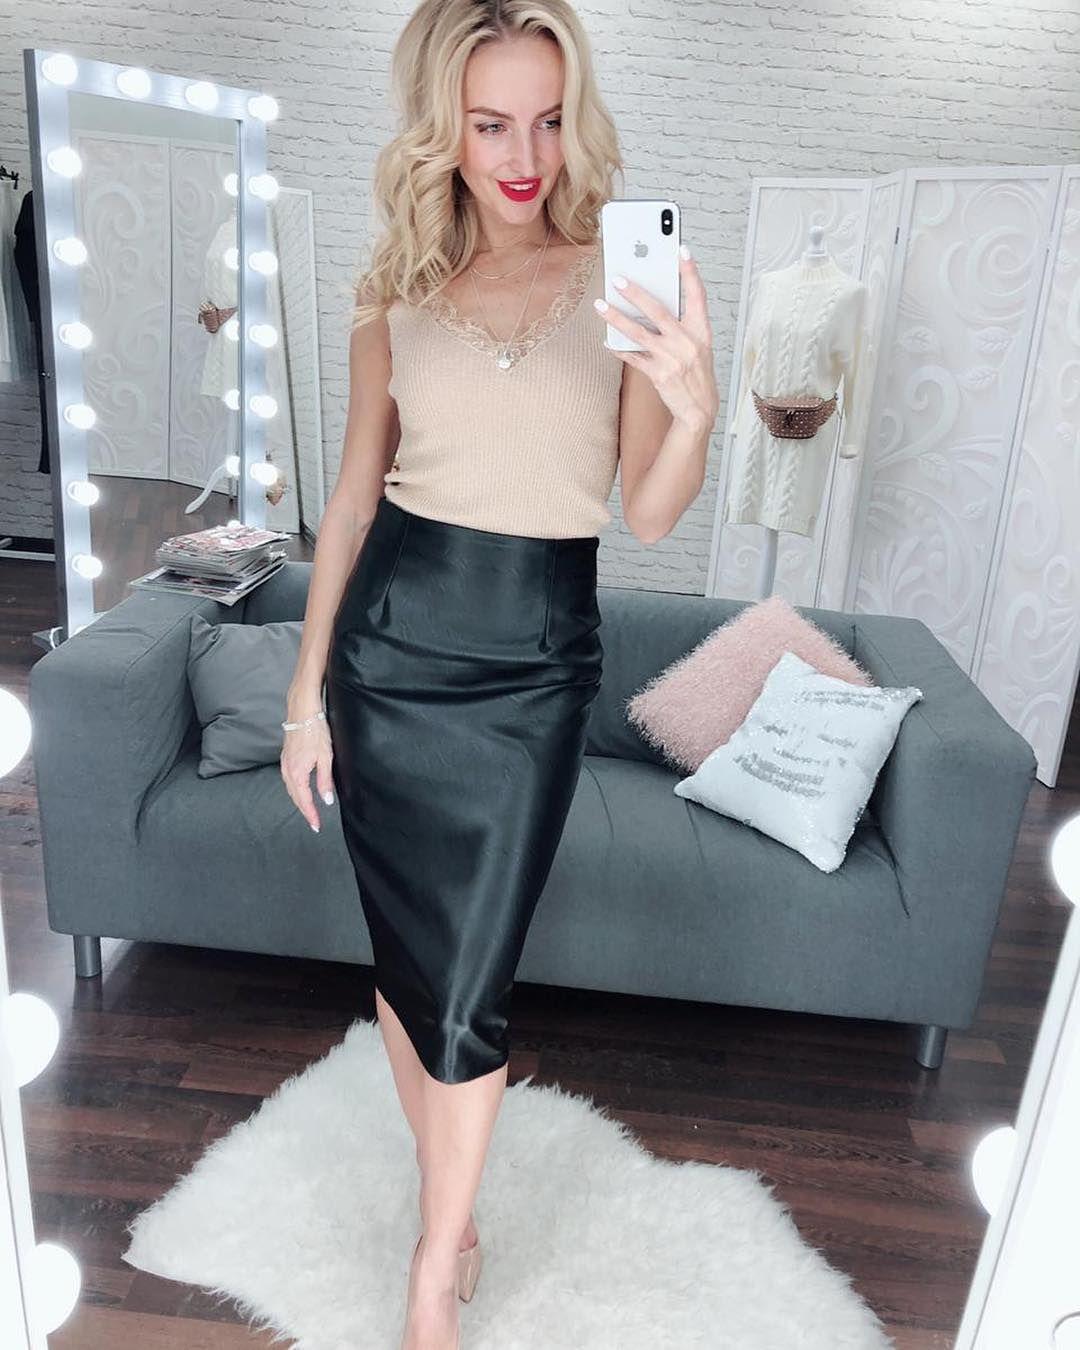 thestyleograph Модні спідниці 2019-2020 роки  що носити цієї зими 8831da708d307